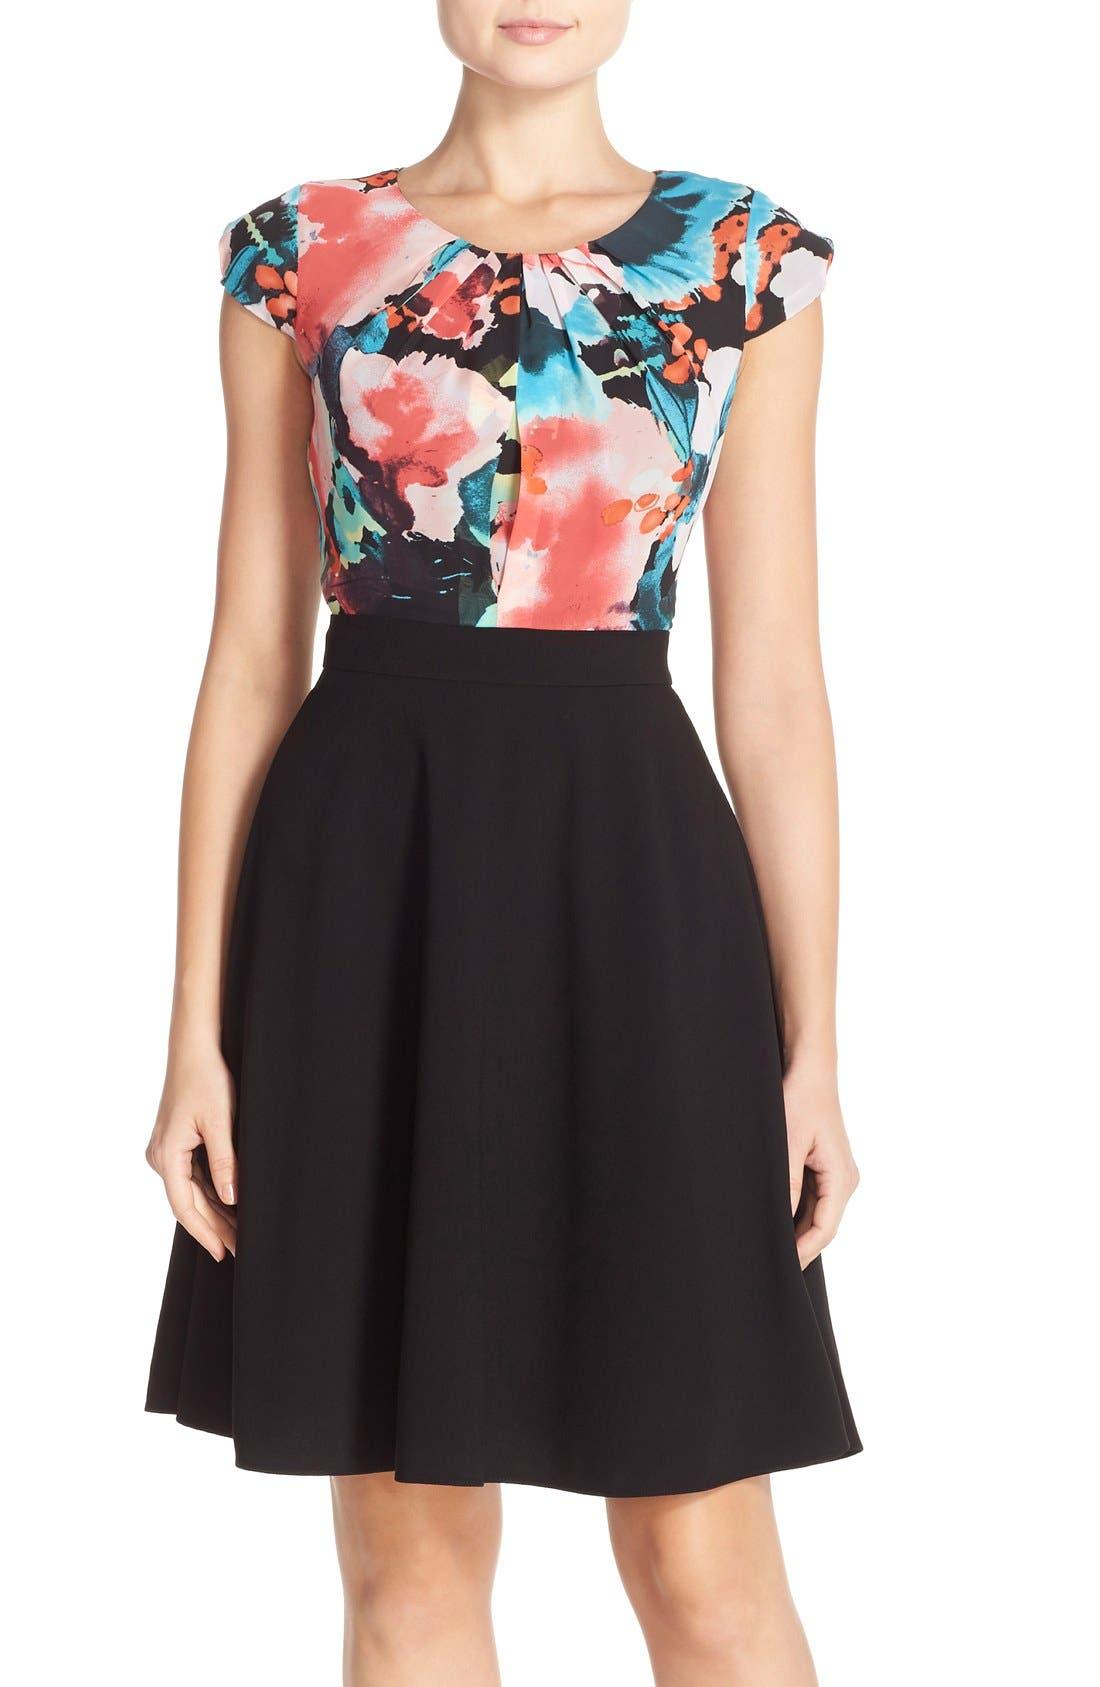 Alternate Image 1 Selected - Tahari Floral Print Fit & Flare Dress (Regular & Petite)